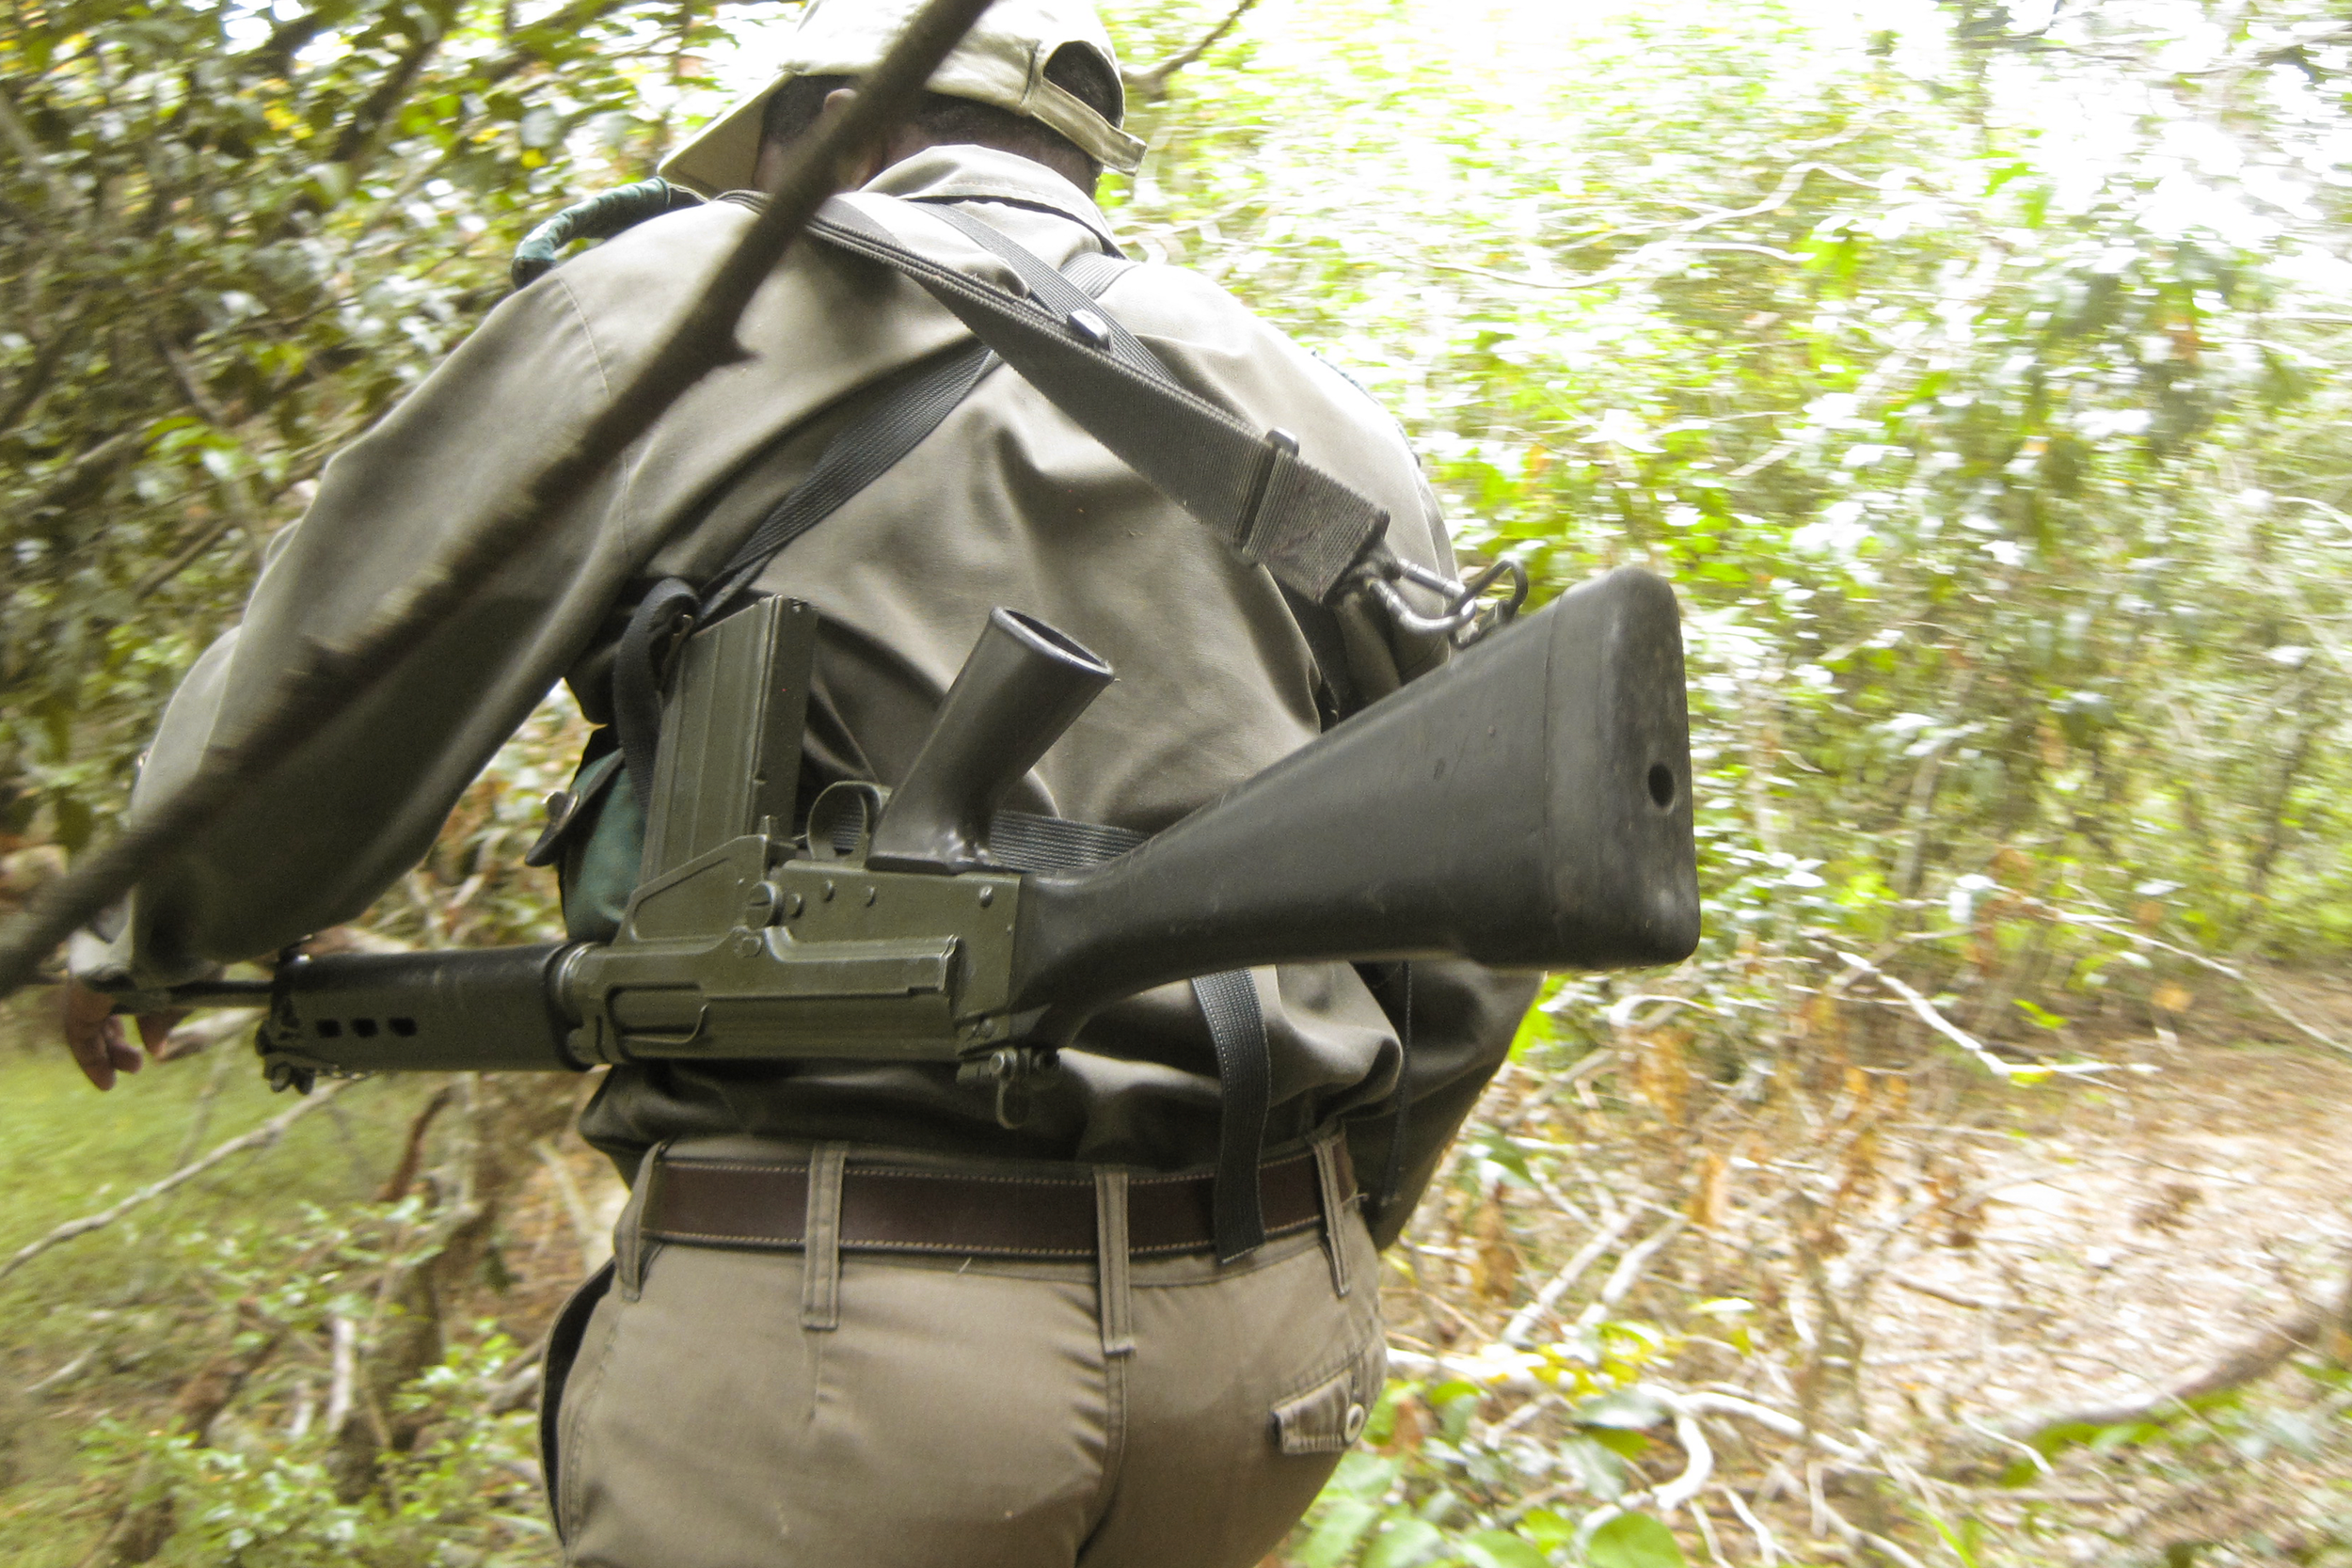 An anti-poaching ranger on patrol